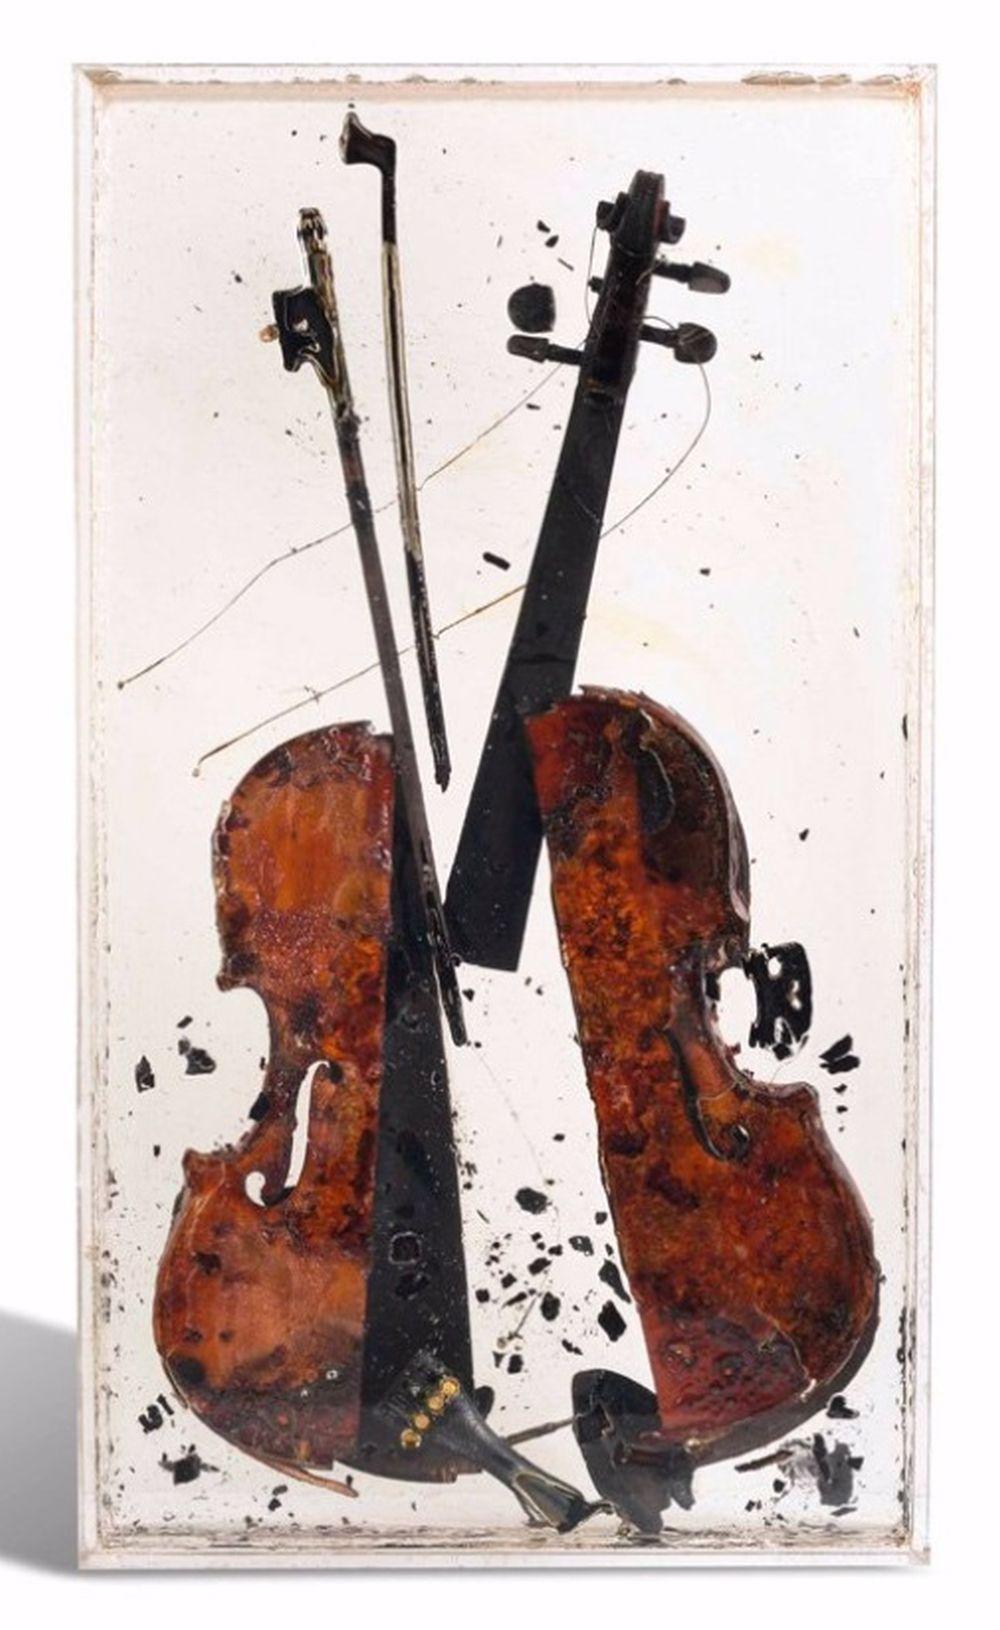 Arman - Colère de Paganini, 2004